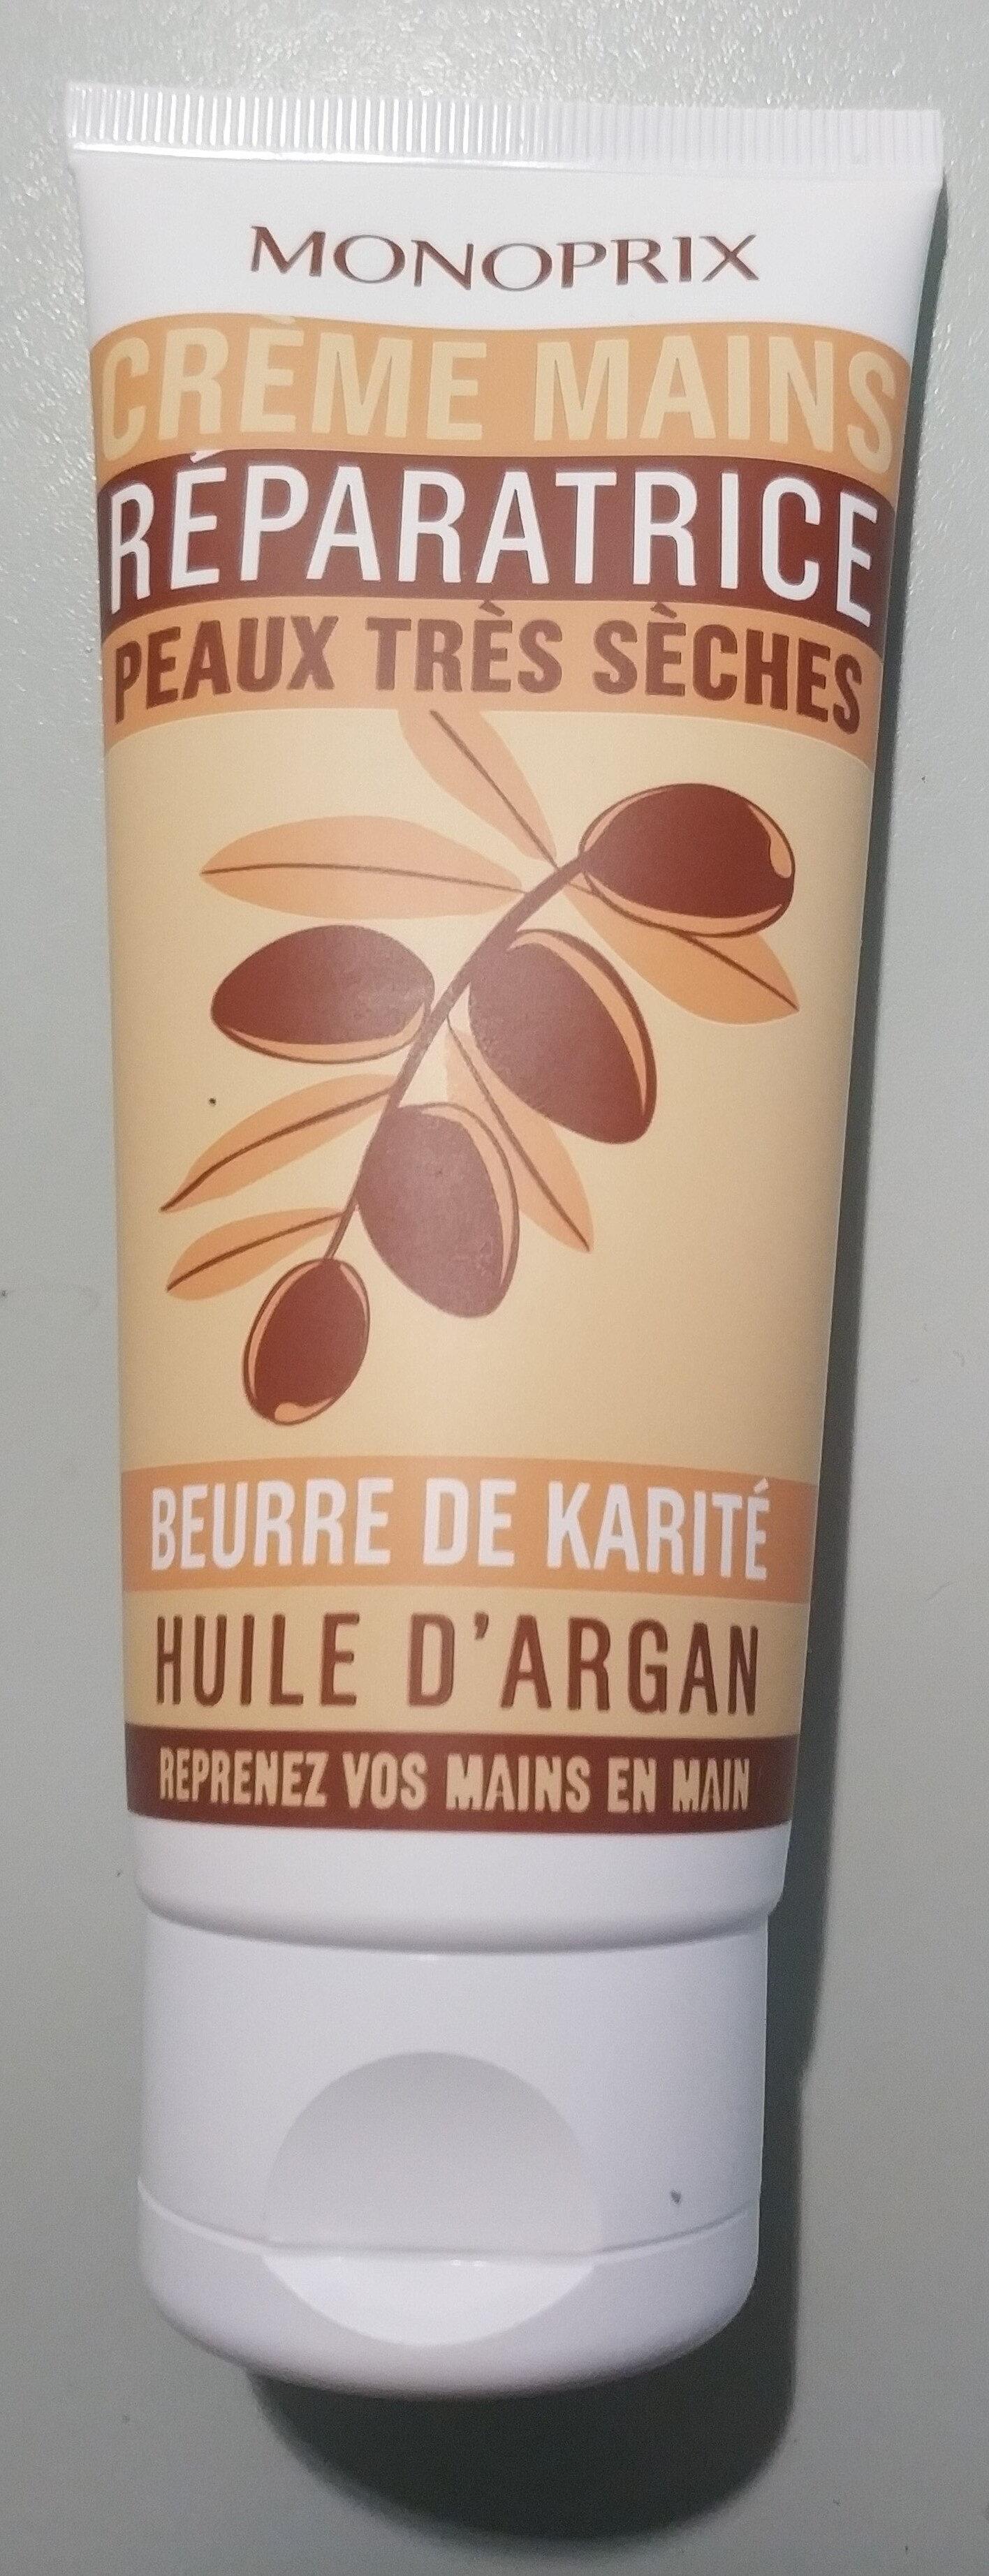 Crème mains réparatrice peaux très sèches - Produit - fr